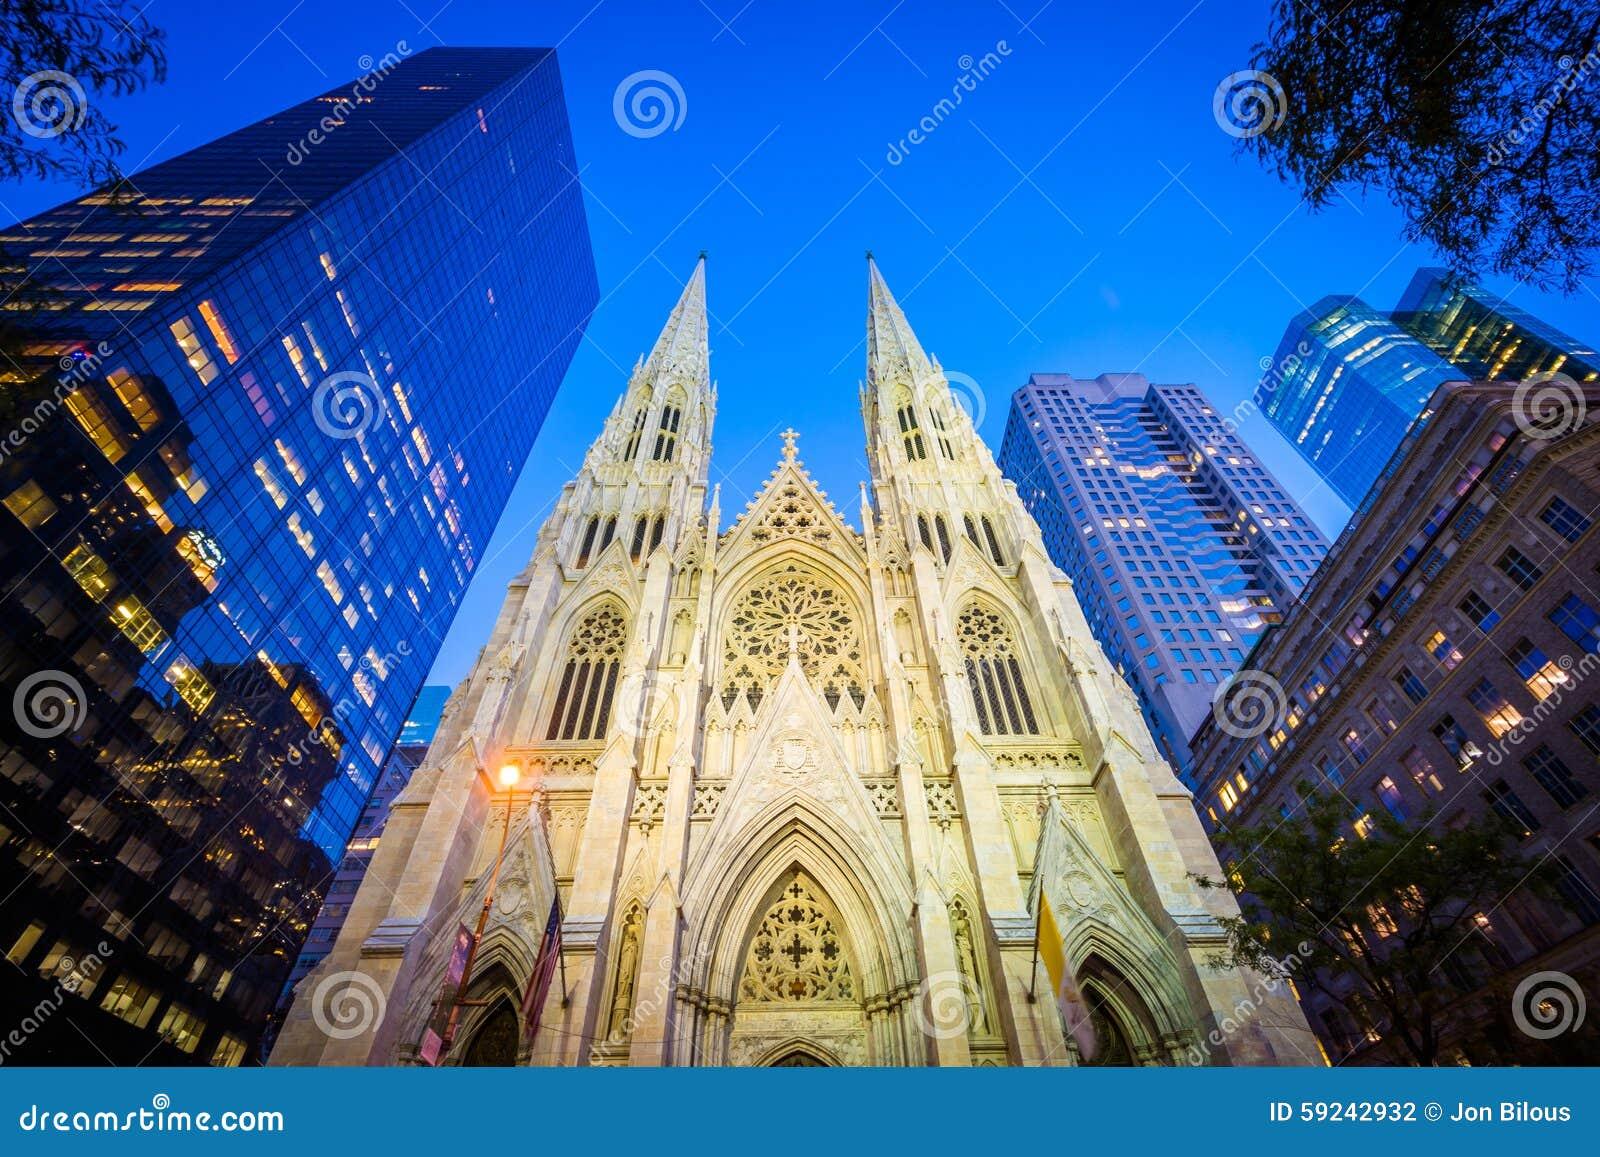 Download La Catedral De St Patrick En La Noche, En Manhattan, Nueva York Foto de archivo - Imagen de céntrico, iglesia: 59242932